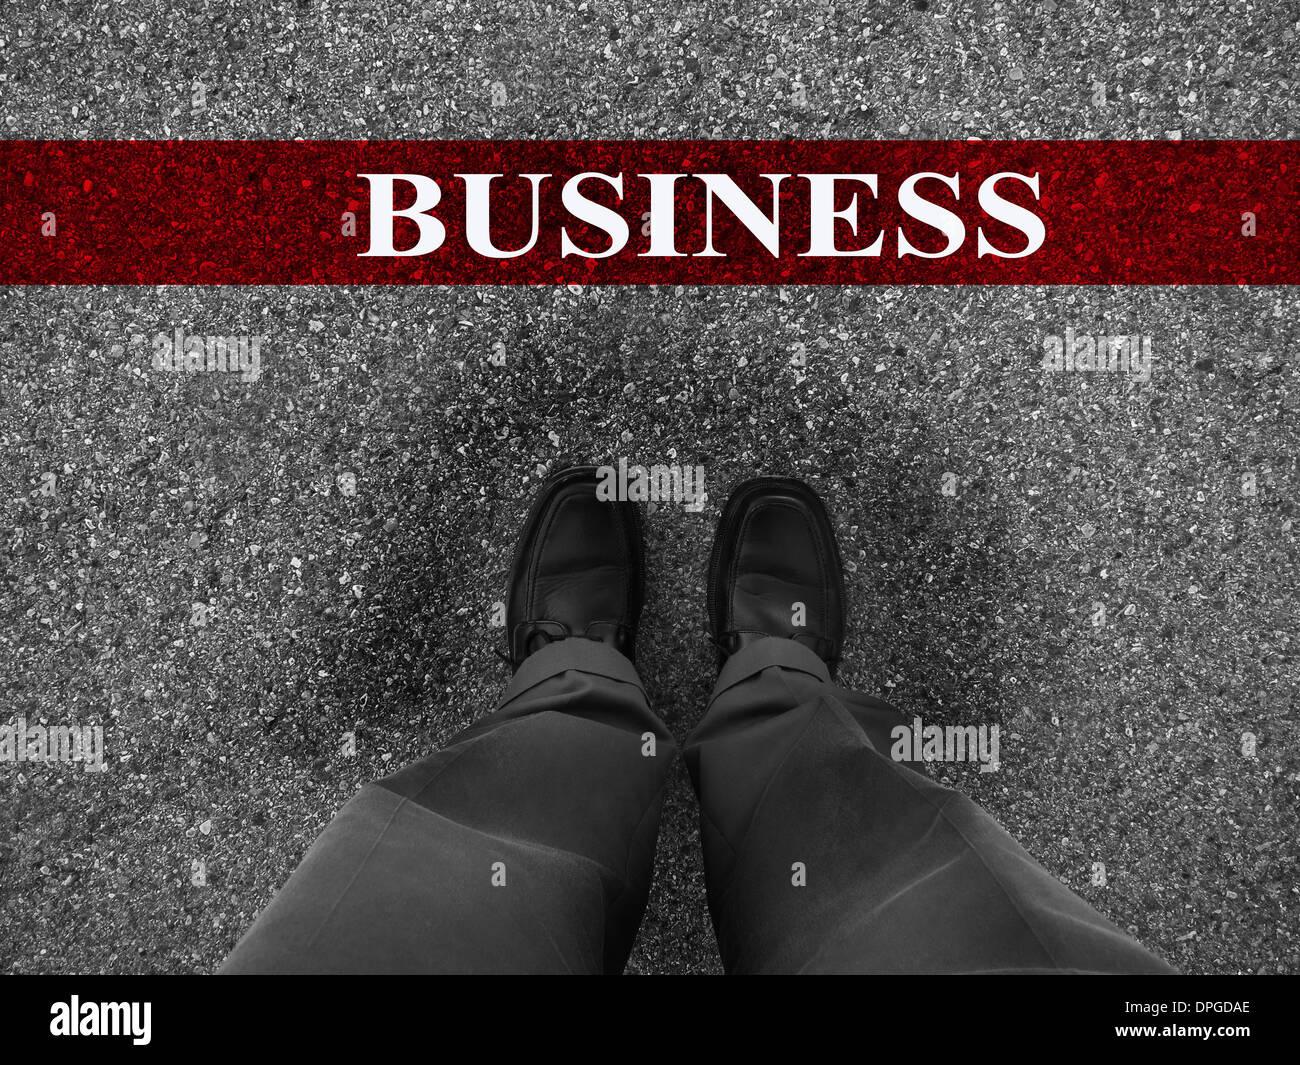 Empresario de pie sobre asfalto con motivación starting line palabra de negocio Imagen De Stock